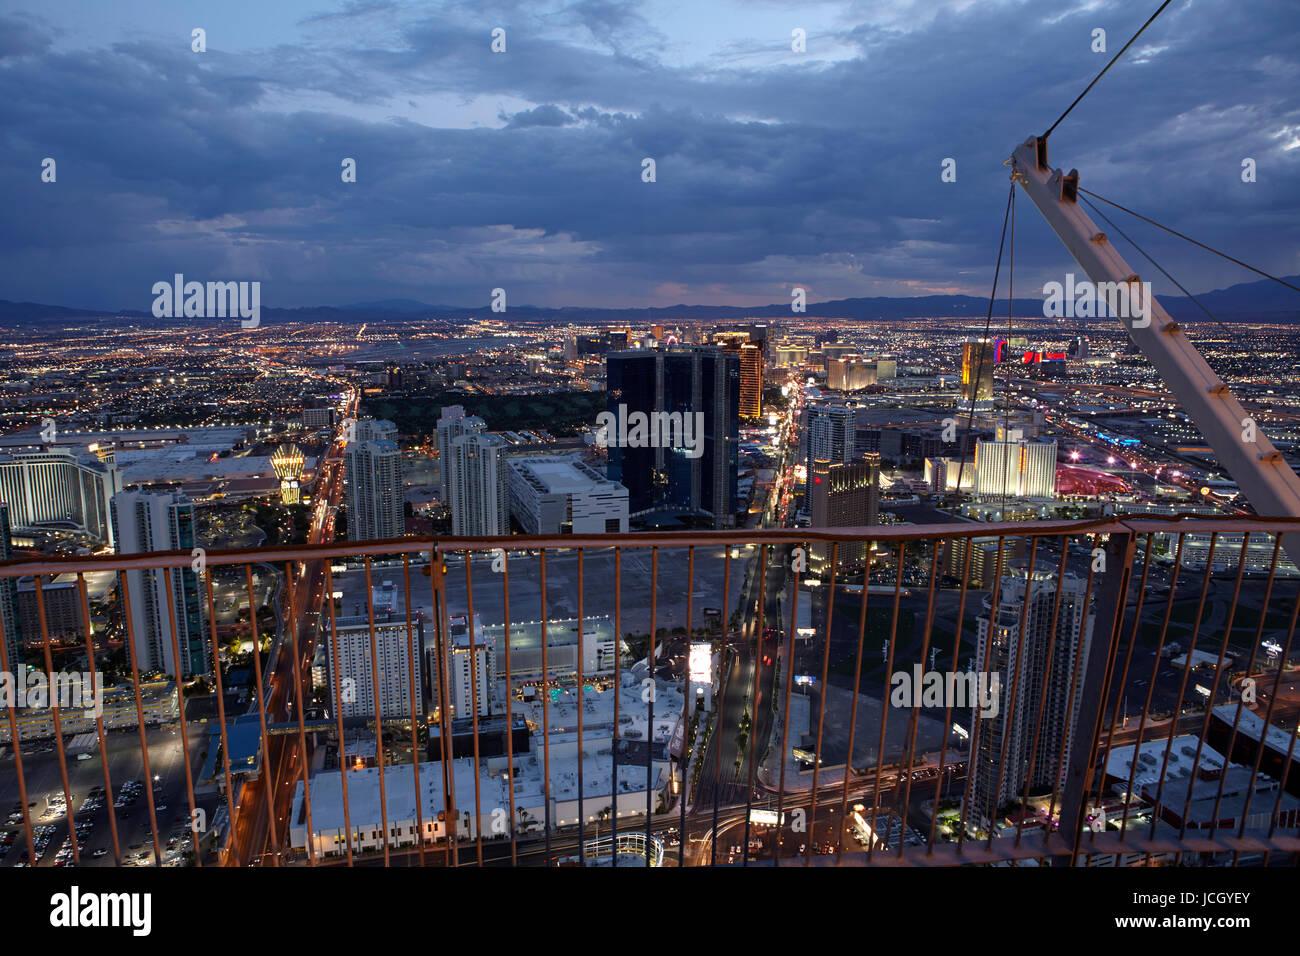 Una vista de Las Vegas en busca de la Torre Stratosphere, Las Vegas, Nevada, Estados Unidos Imagen De Stock